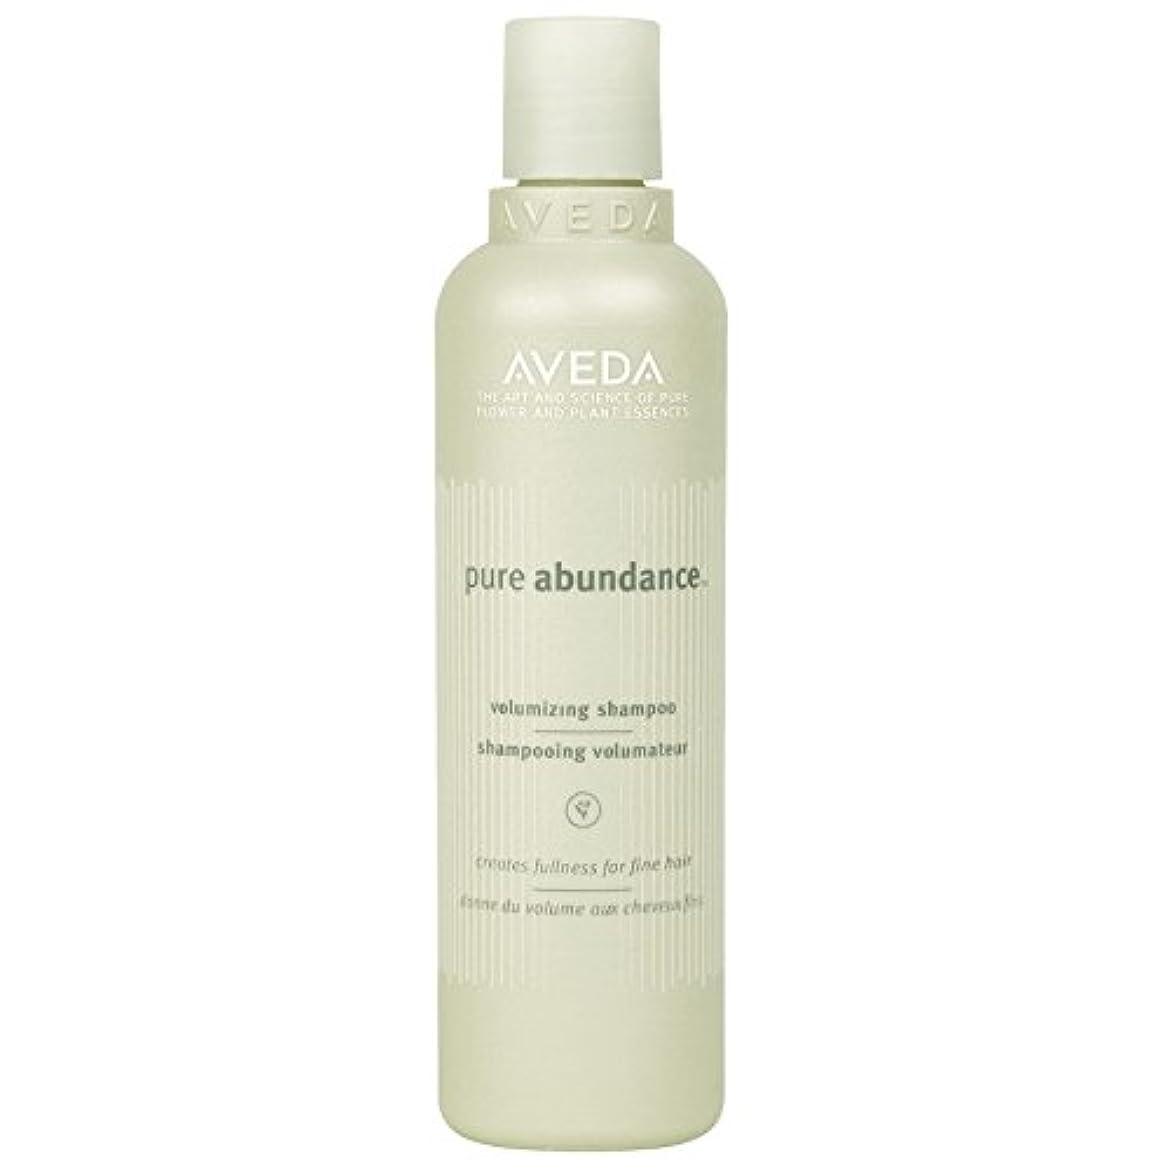 日どうしたのバスルーム[AVEDA] アヴェダピュア豊富ボリューム化シャンプー250ミリリットル - Aveda Pure Abundance Volumizing Shampoo 250ml [並行輸入品]